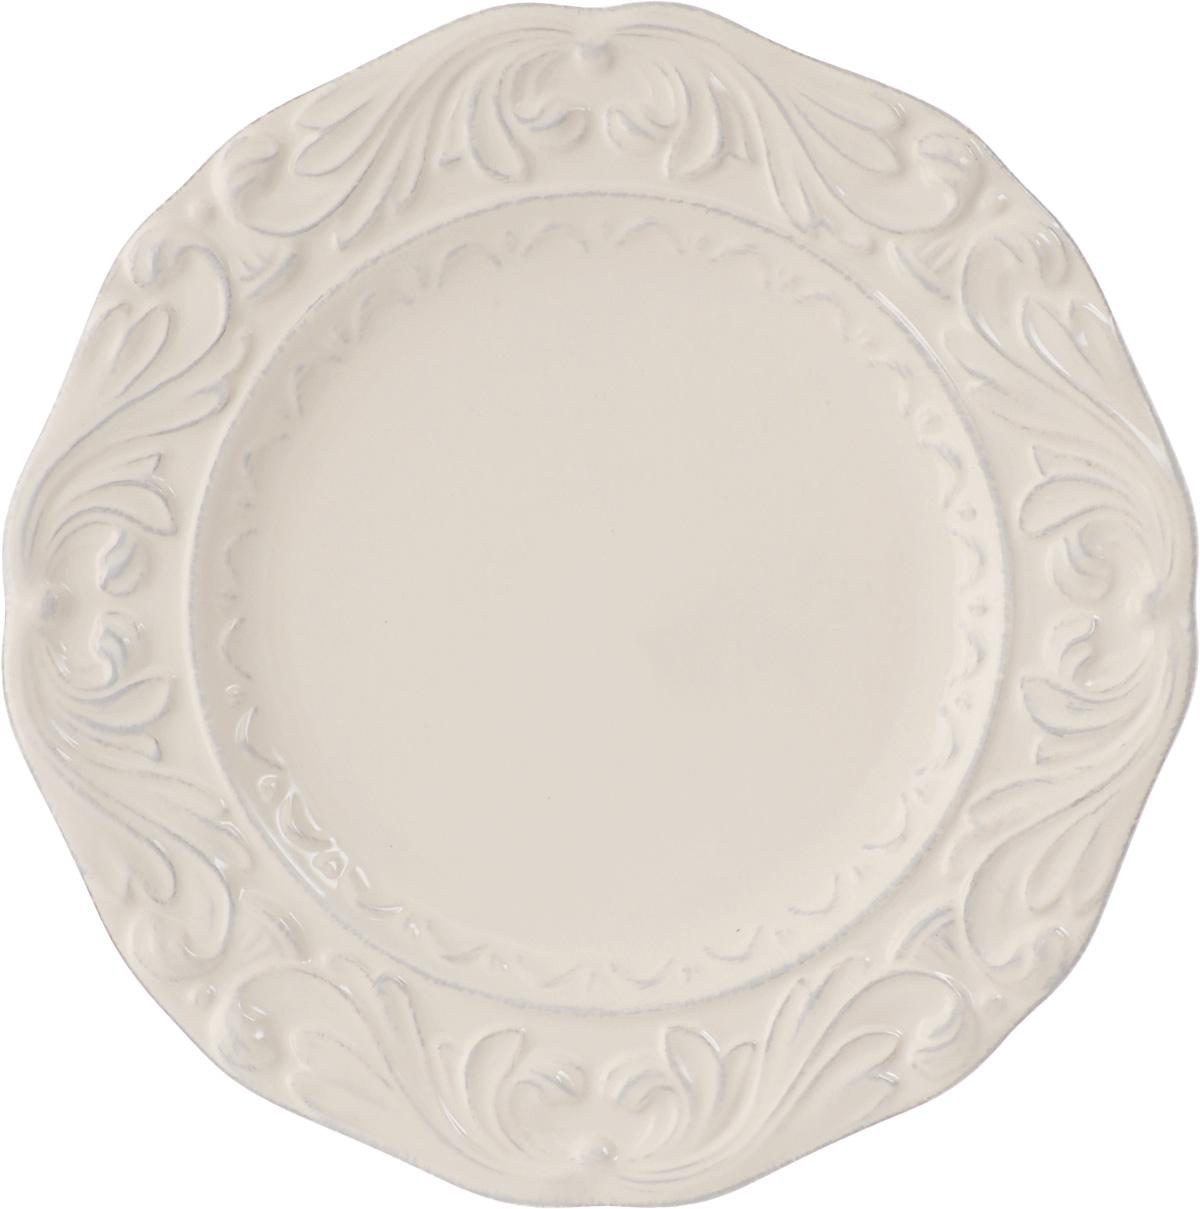 """Десертная тарелка Certified International """"Флоренция"""",  изготовленная из высококачественной керамики,  декорирована изящным рельефным рисунком. Она  подойдет как для торжественных случаев, так и для  повседневного использования.  Тарелка Certified International """"Флоренция"""" идеальна для  подачи десертов, пирожных, тортов и многого другого.  Она прекрасно оформит стол и станет отличным  дополнением к вашей коллекции кухонной посуды.   Можно мыть в посудомоечной машине и использовать в  микроволновой печи. Диаметр тарелки: 24 см."""